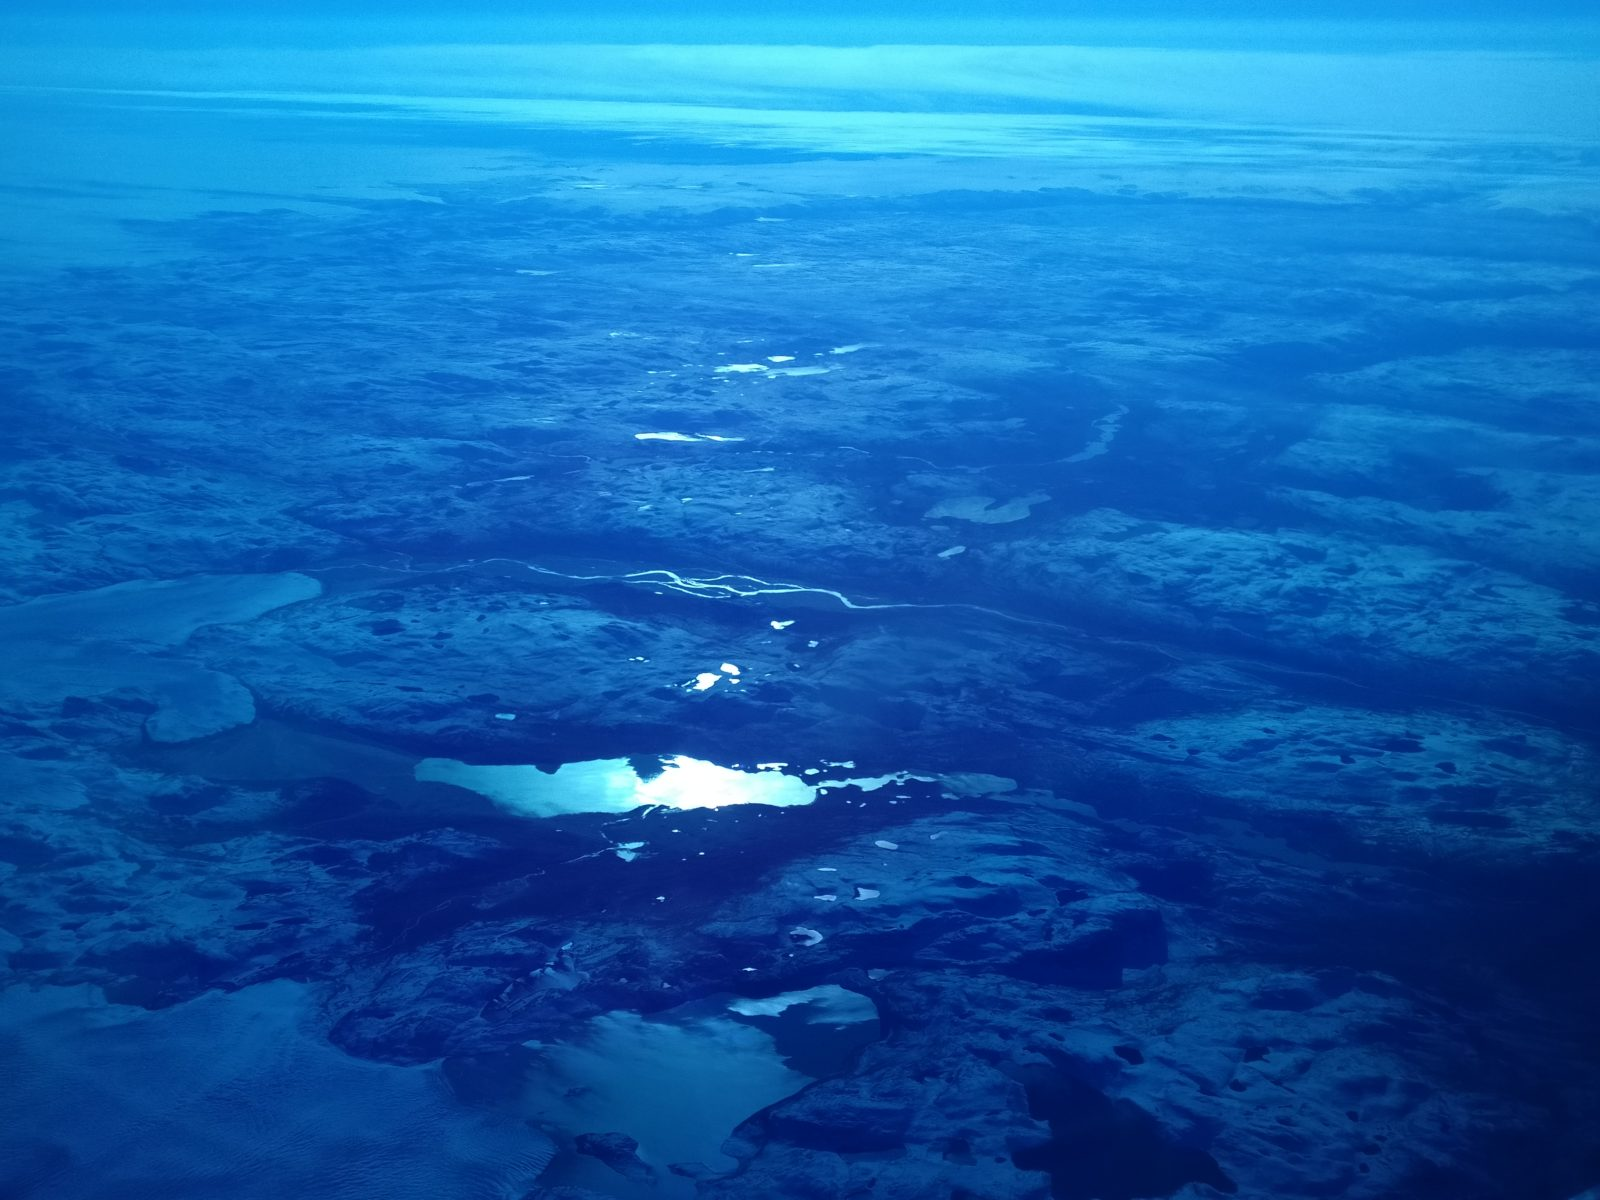 Grönlanti näytti lentokoneesta katsottuna tältä